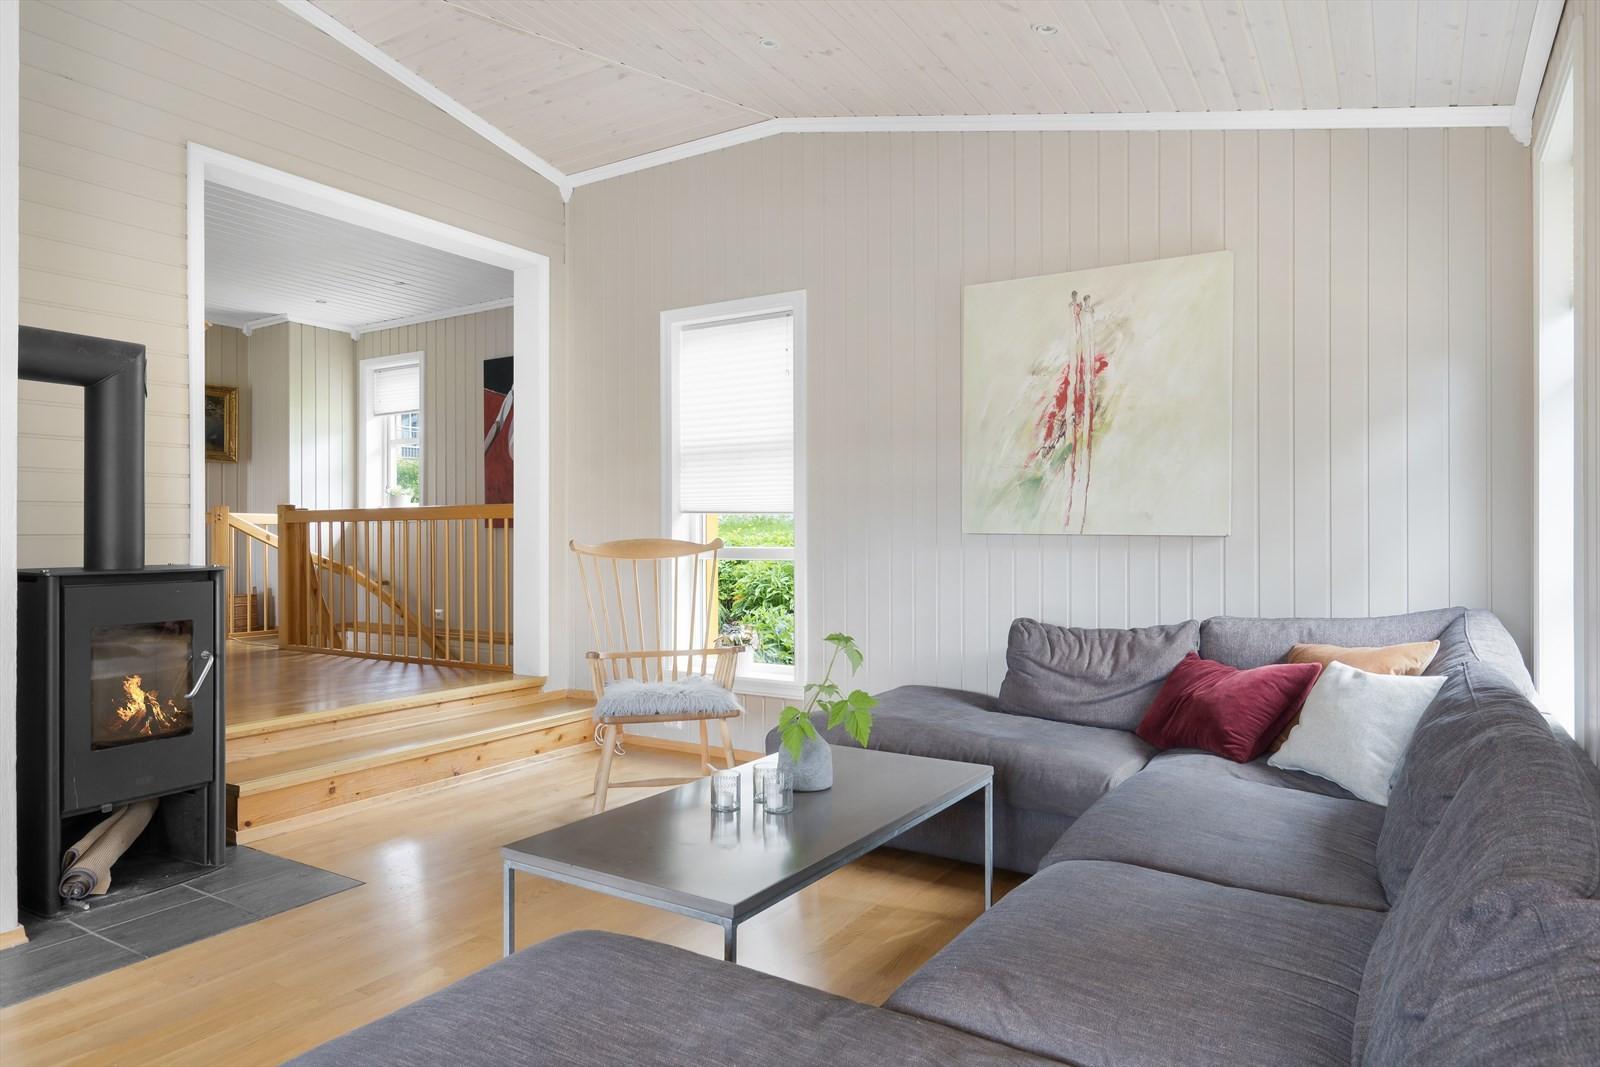 Stuen har innfelt belysning i tak, vedfyring og god plass til møblement